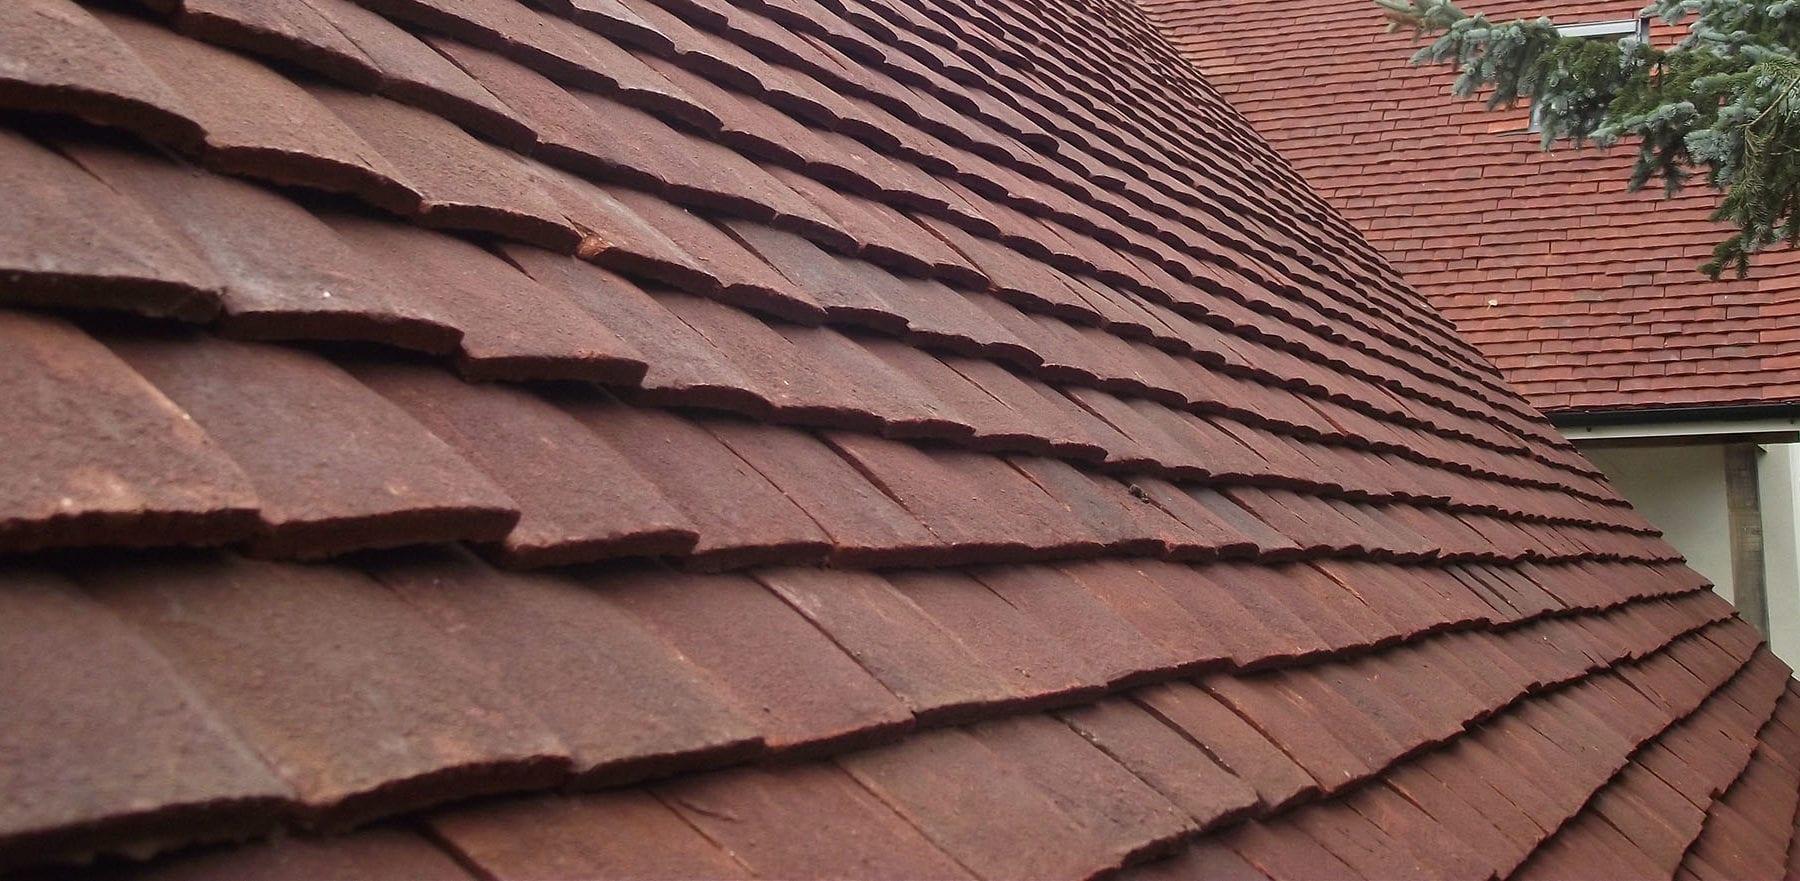 Lifestiles - Handmade Heather Clay Roof Tiles - Favant, England 4